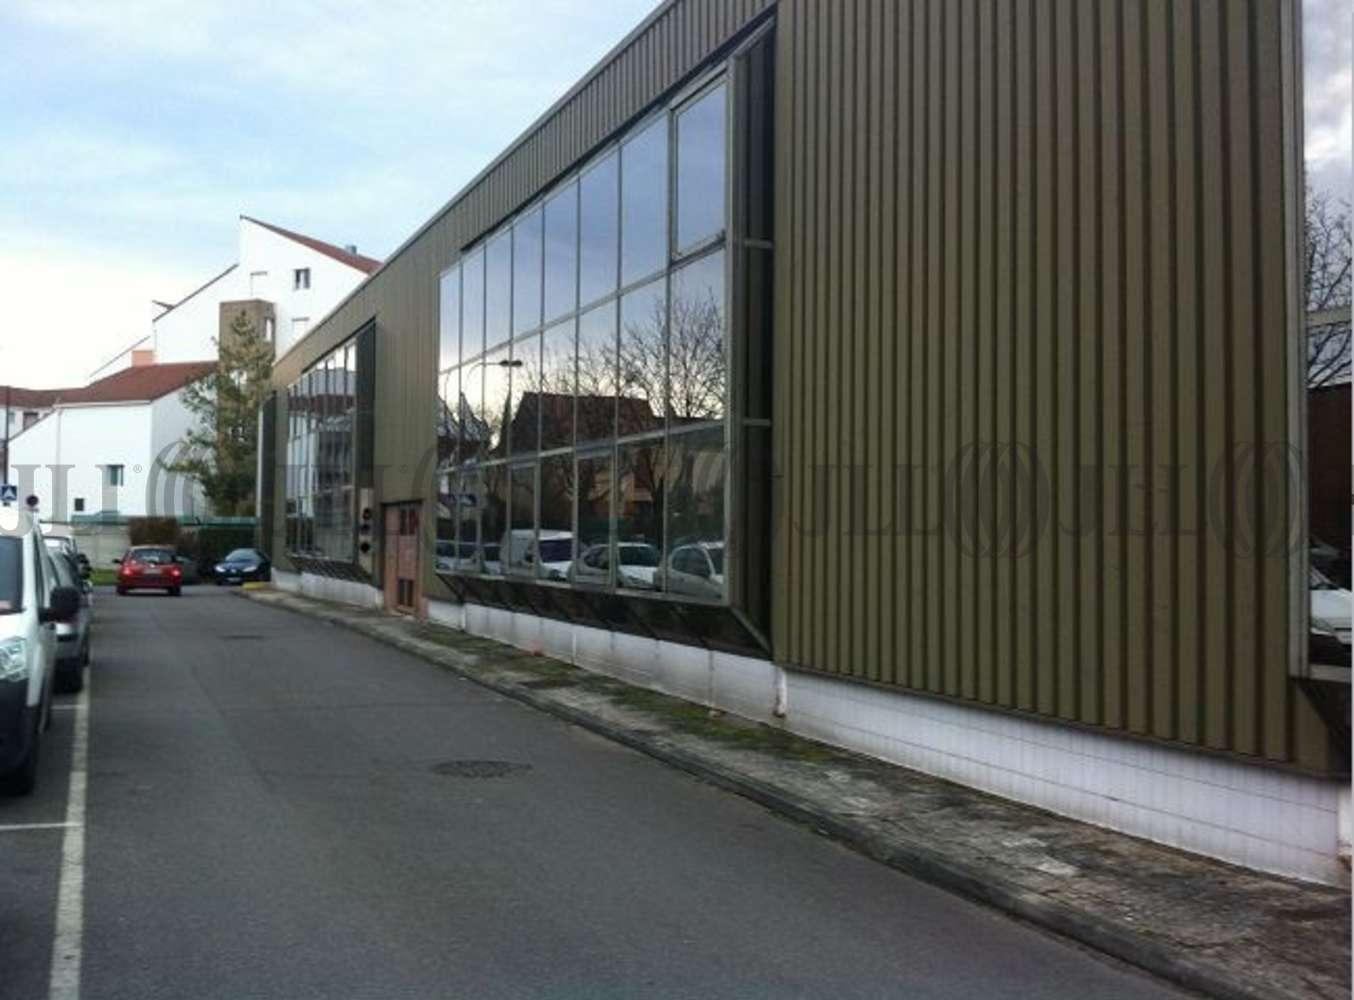 Activités/entrepôt Bezons, 95870 - 48-54 RUE CASIMIR PERIER - 9450028